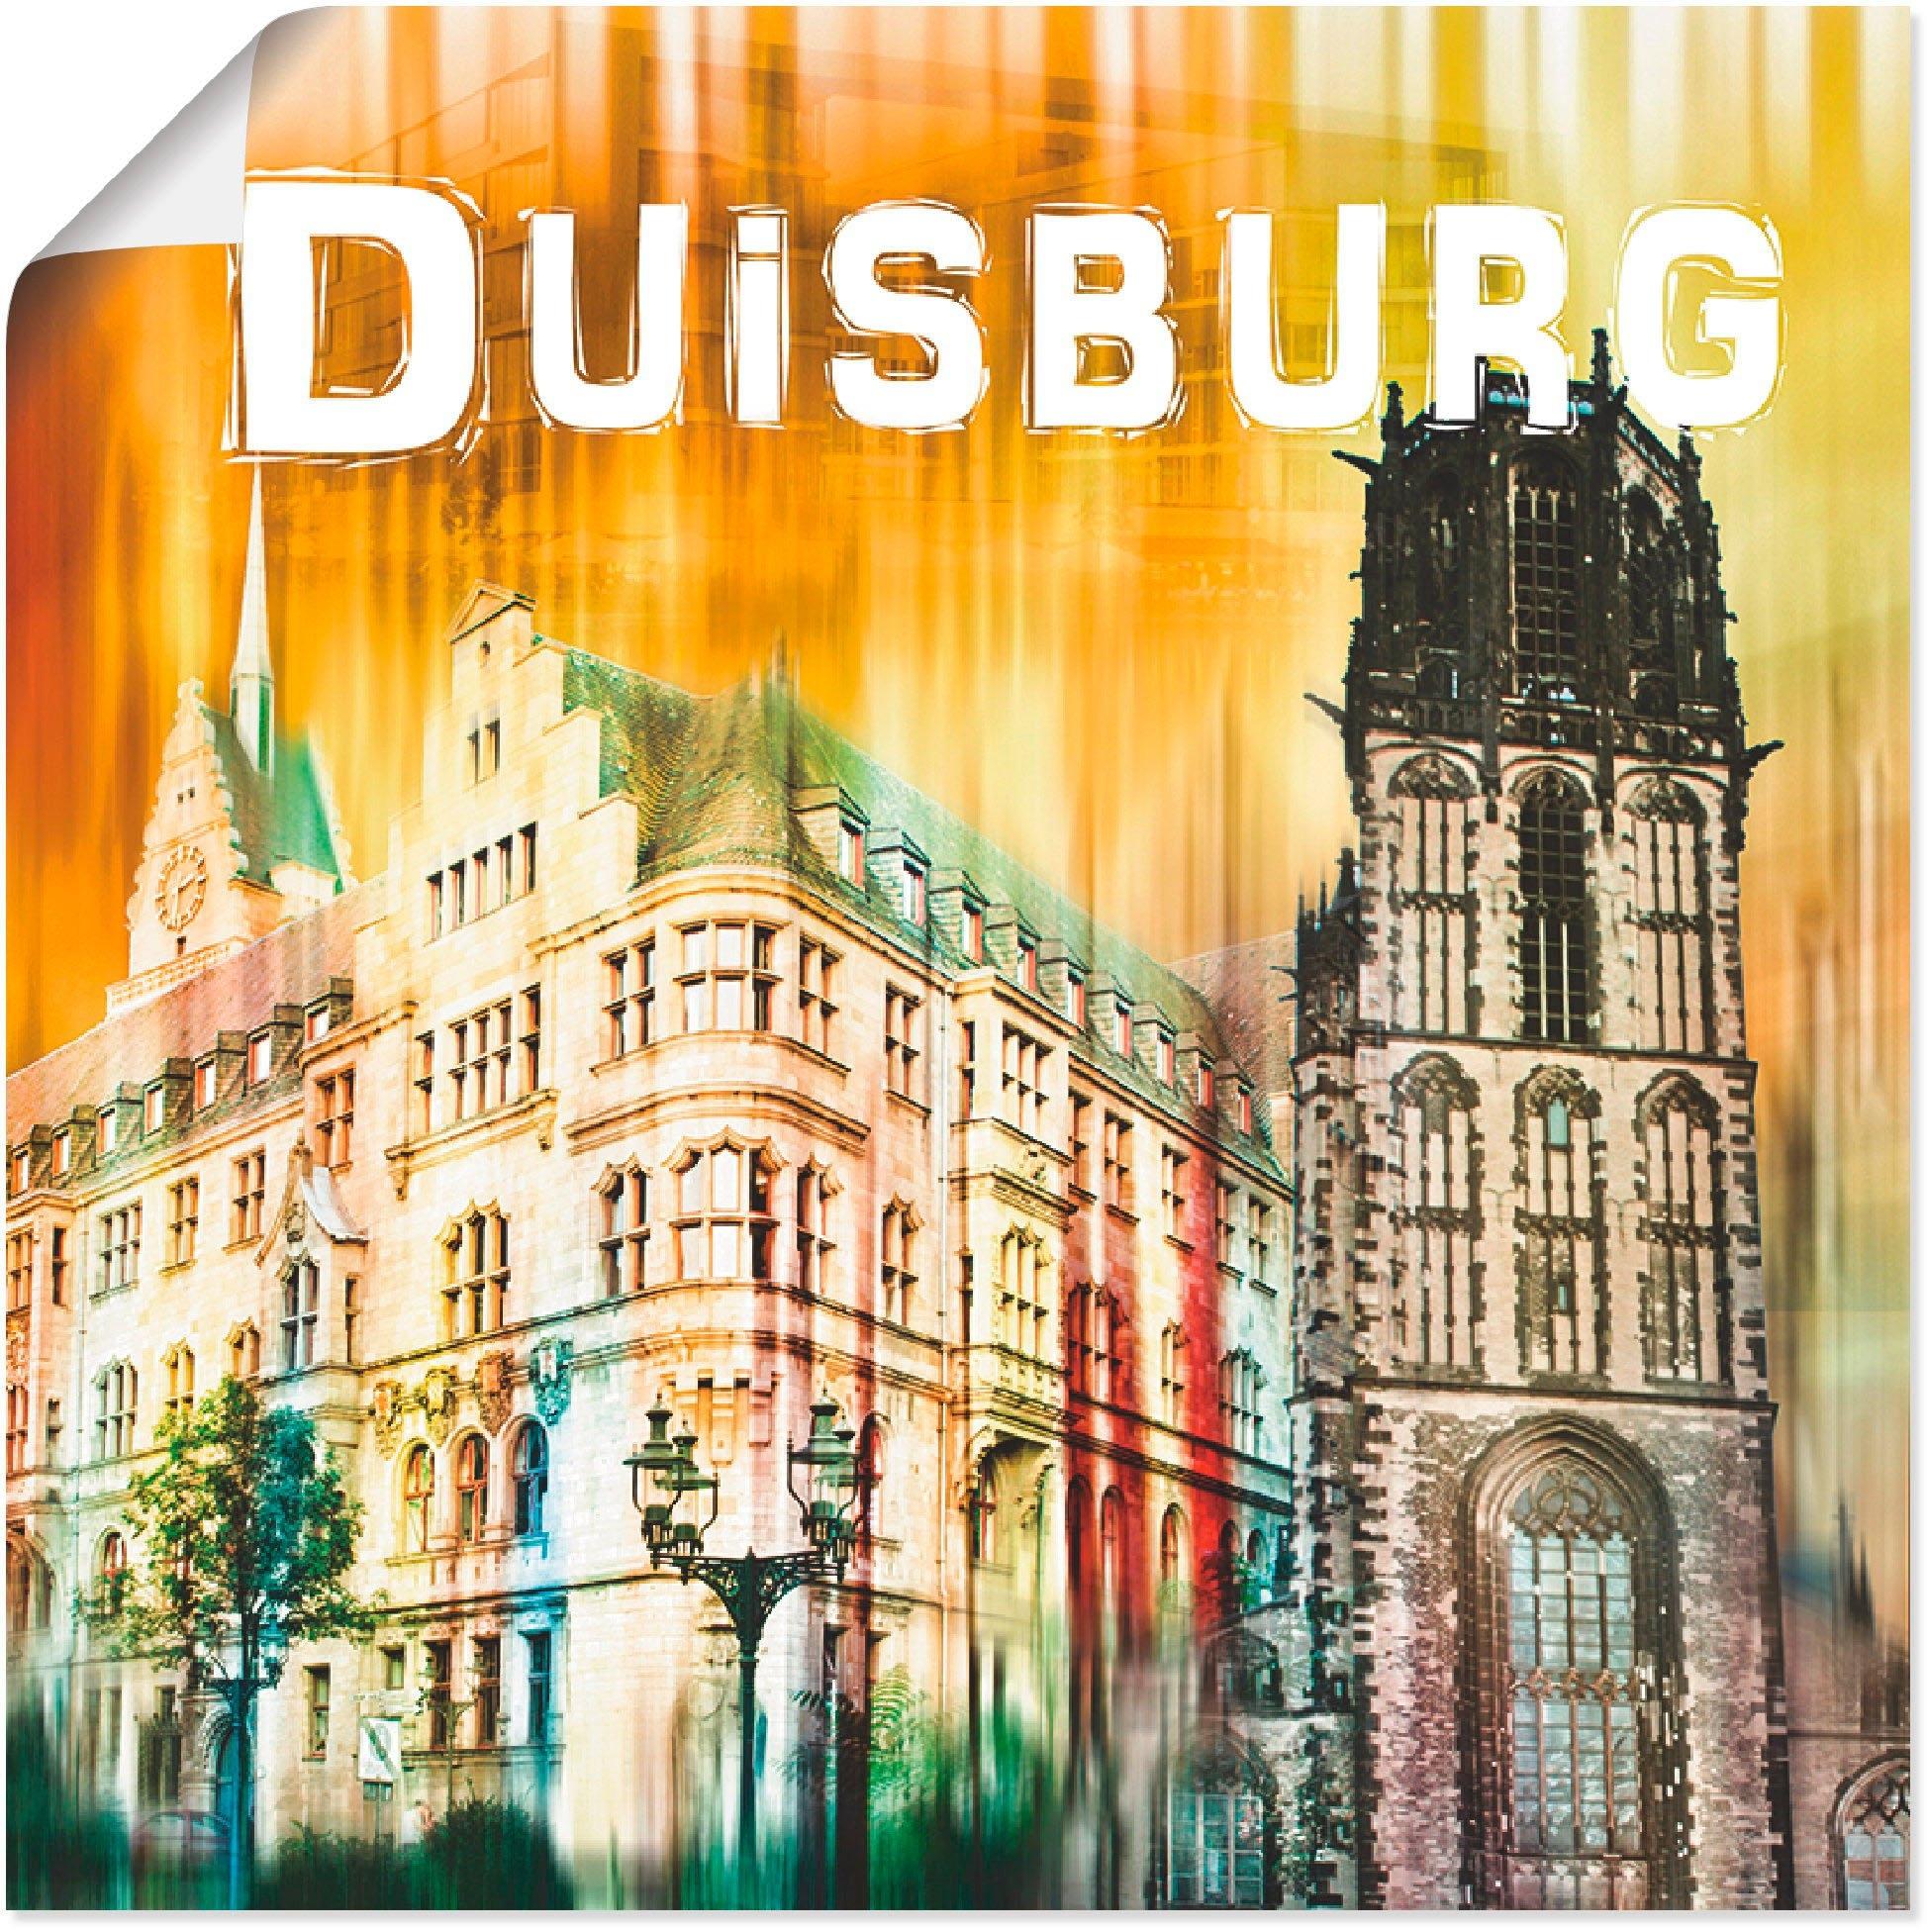 Artland artprint Duisburg collage stadsaanzicht 04 in vele afmetingen & productsoorten -artprint op linnen, poster, muursticker / wandfolie ook geschikt voor de badkamer (1 stuk) goedkoop op otto.nl kopen